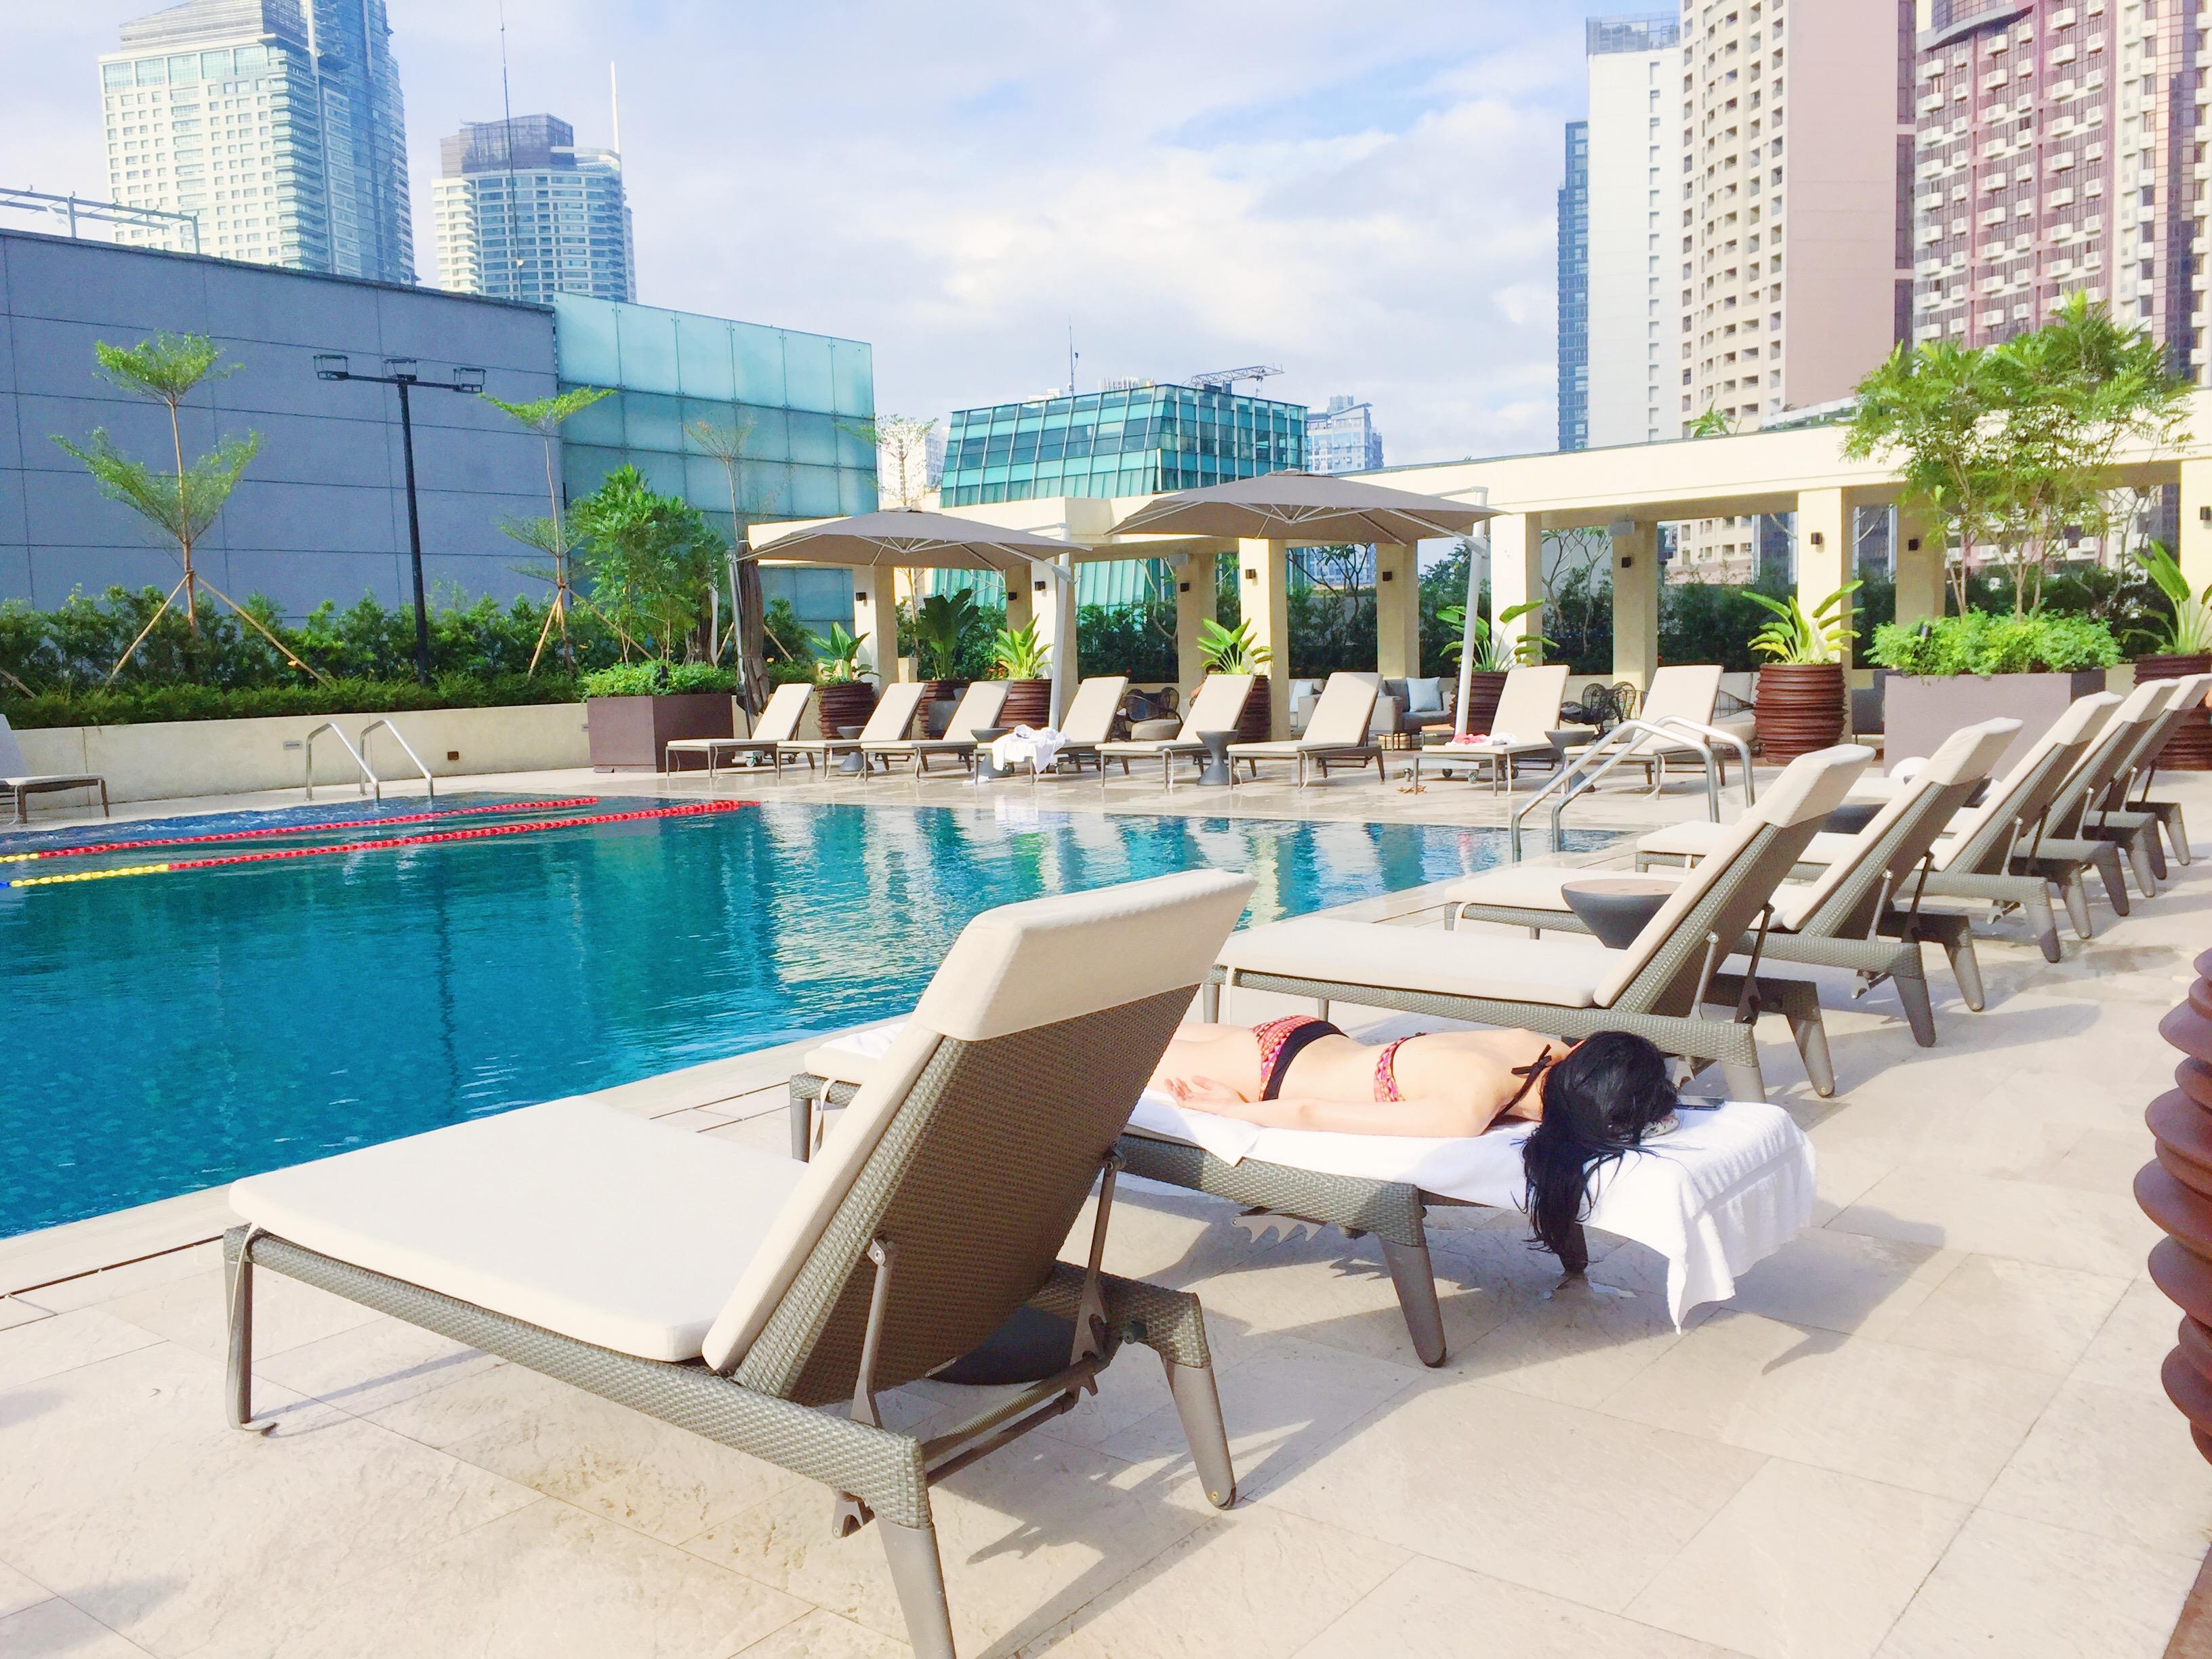 Makati Shangri La Pool Area